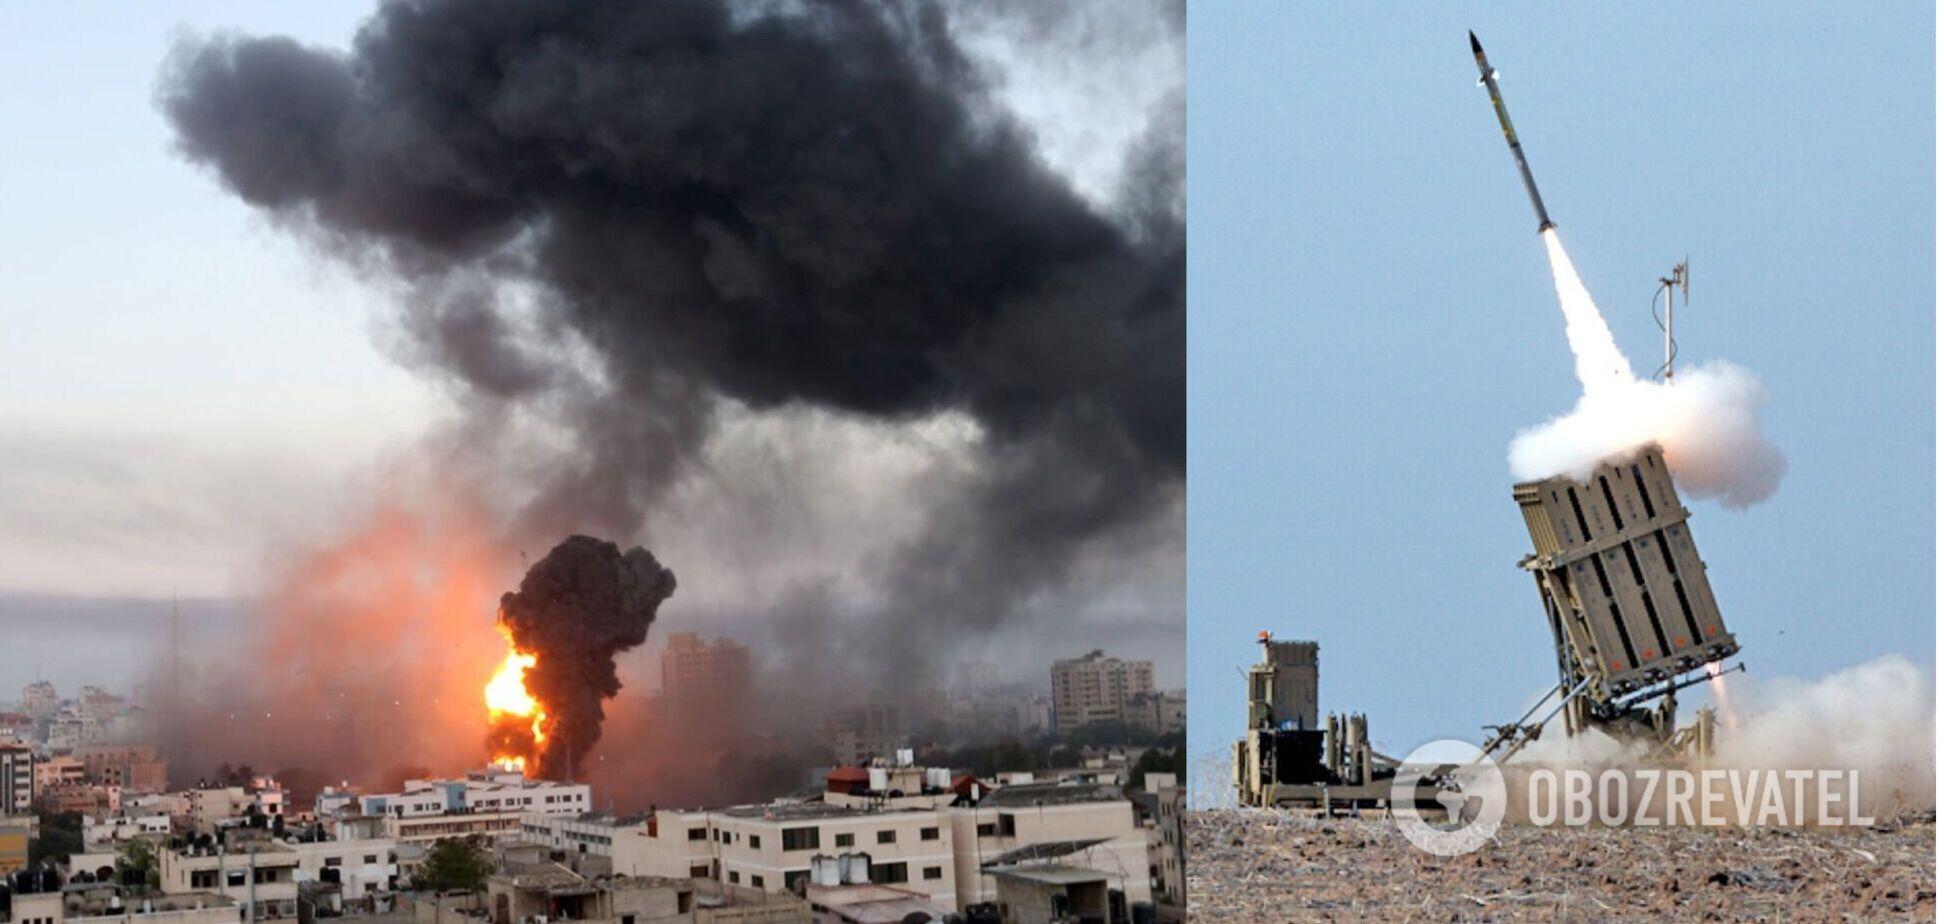 Ізраїль завдав удару по сектору Гази у відповідь на атаки ХАМАС. Відео